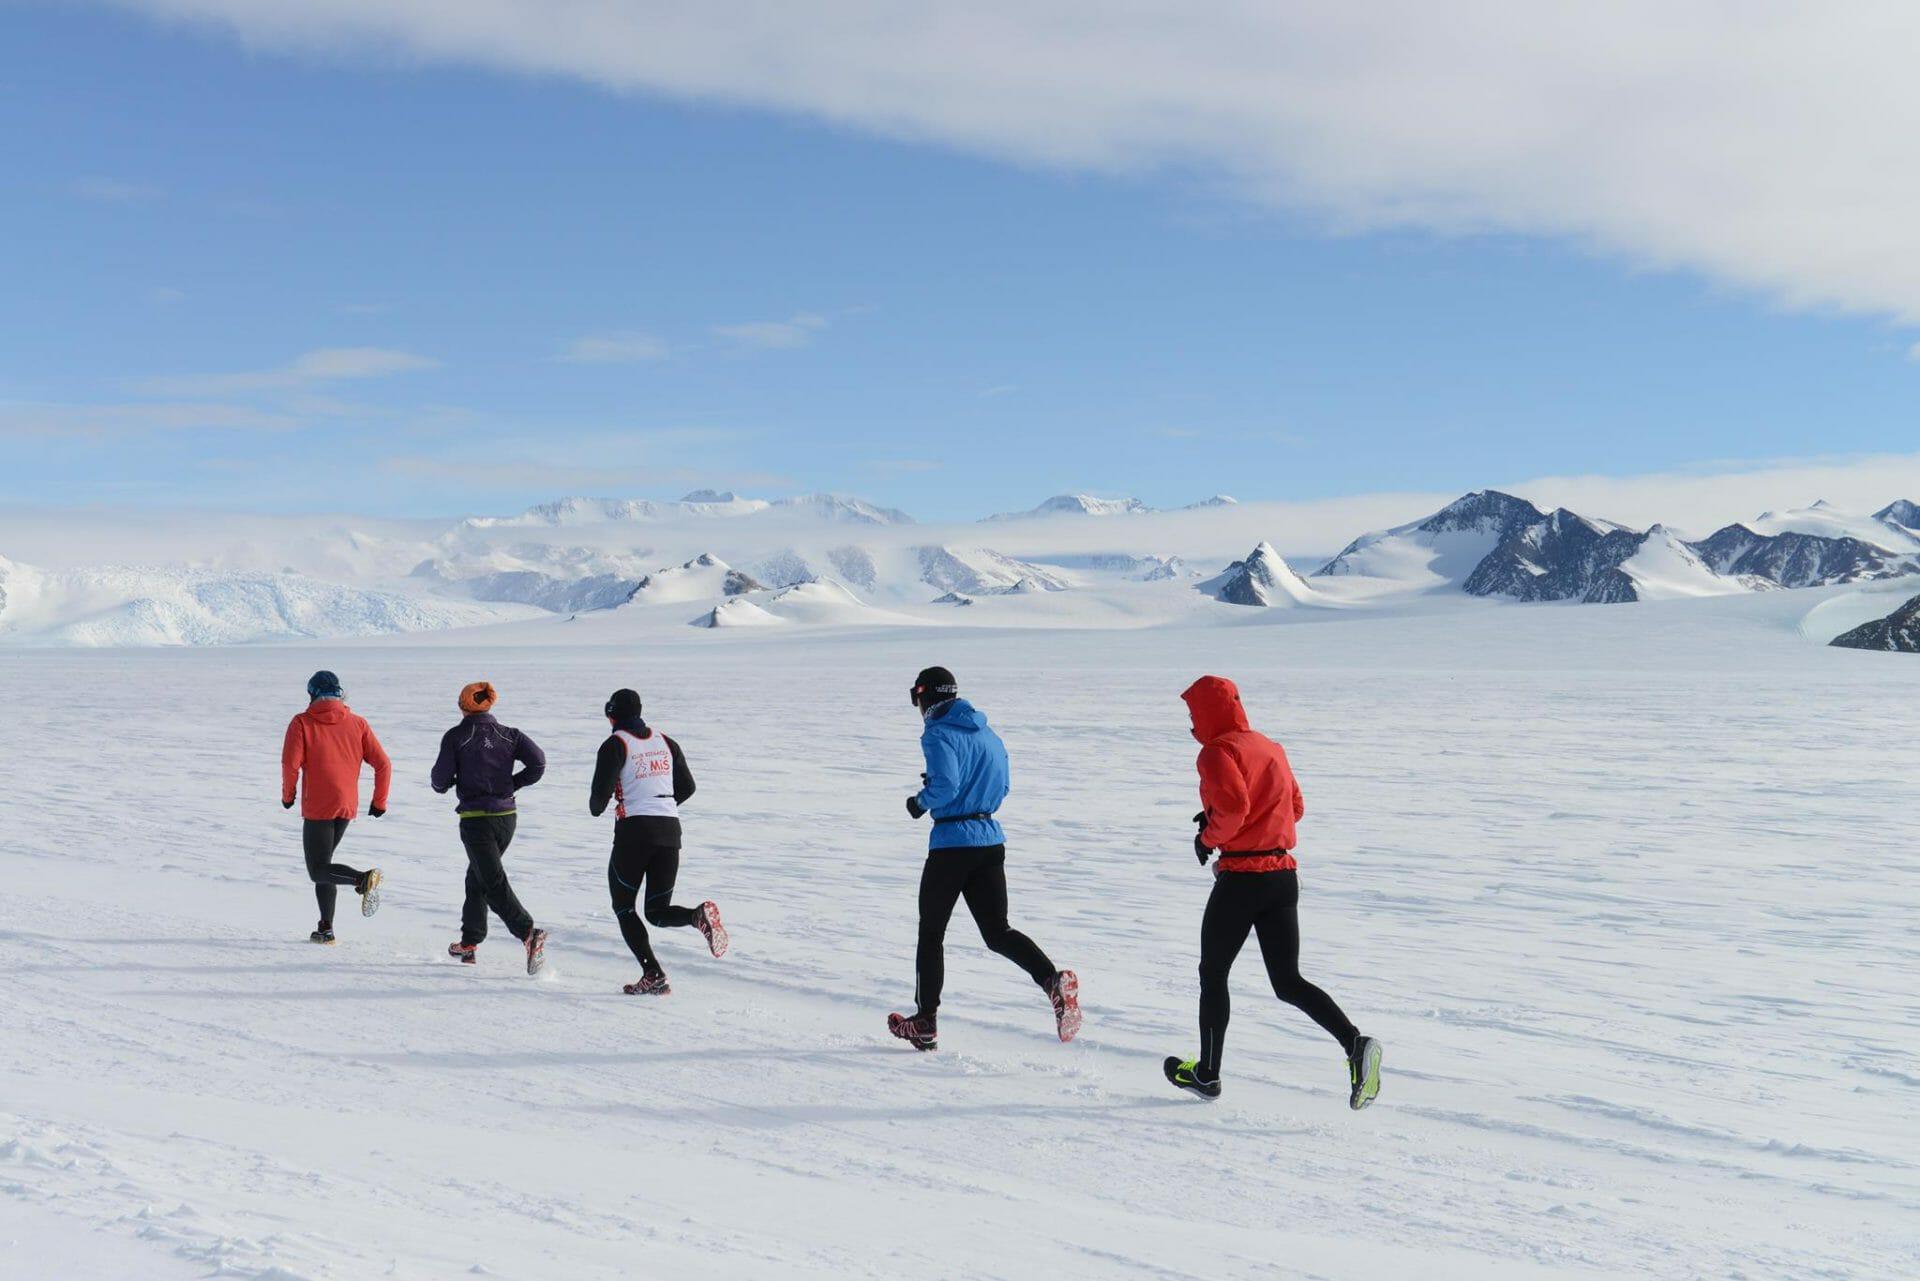 Quelles sont les courses les plus glaciales du globe?